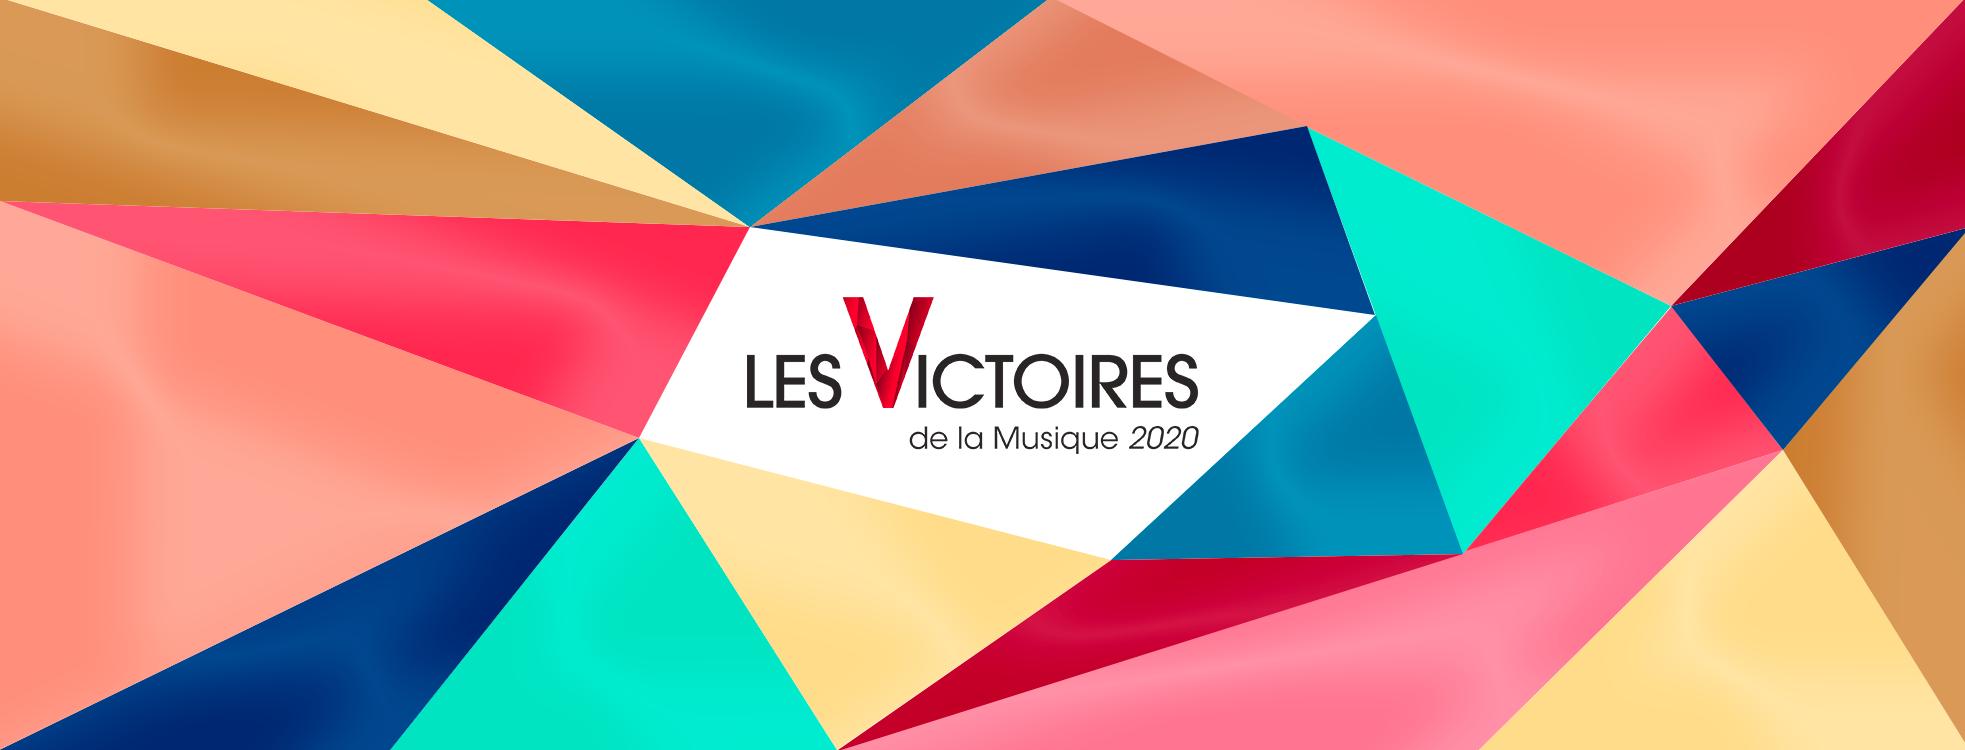 Victoires de la musique 2020 - Victoires de la musique - palmarès - débrief - 35 ans